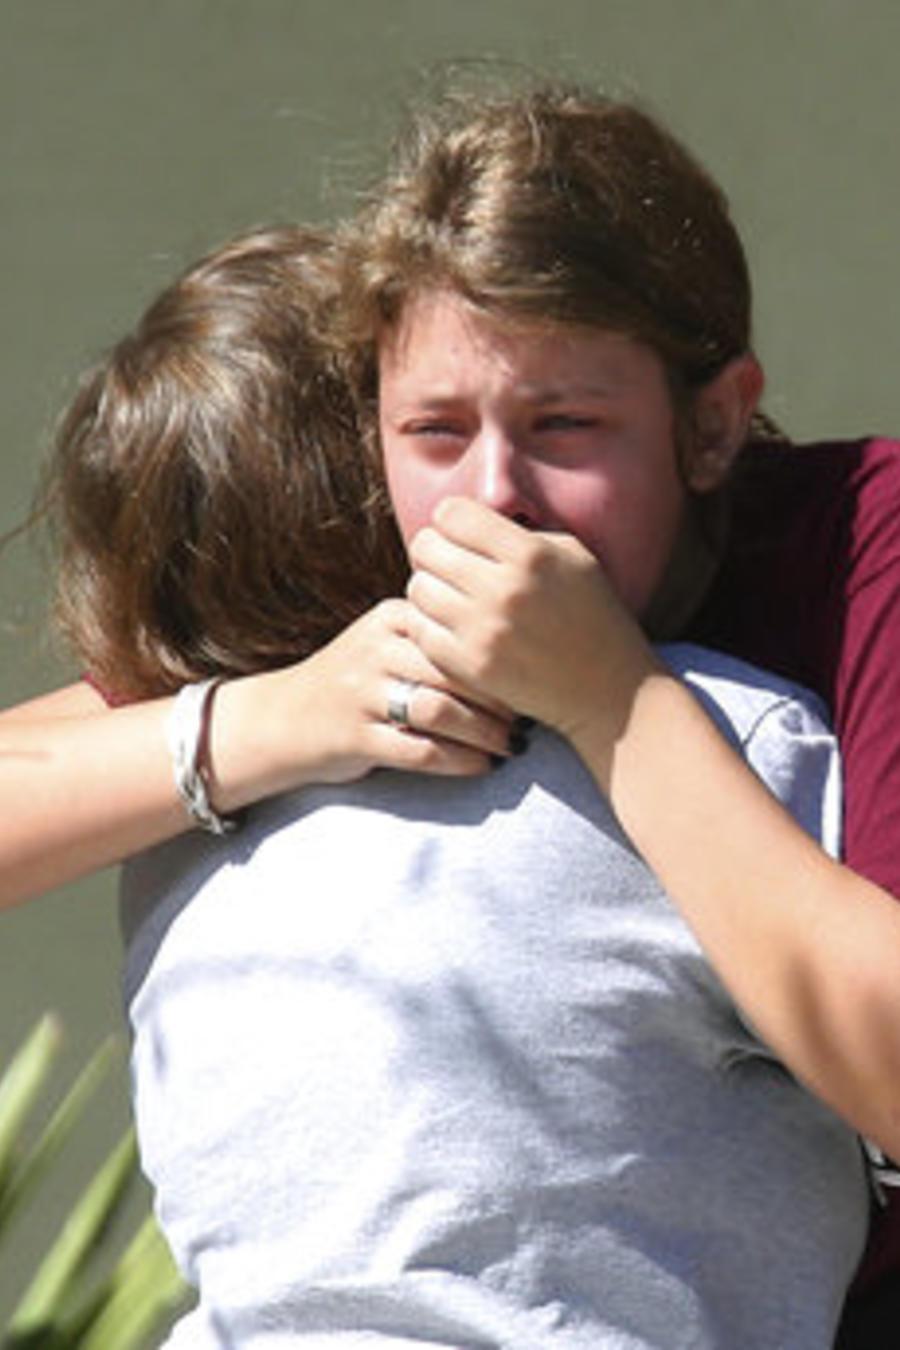 Estudiantes se abrazan tras el terrible tiroteo registrado en el centro Marjory Stoneman Douglas en Parkland, Florida.